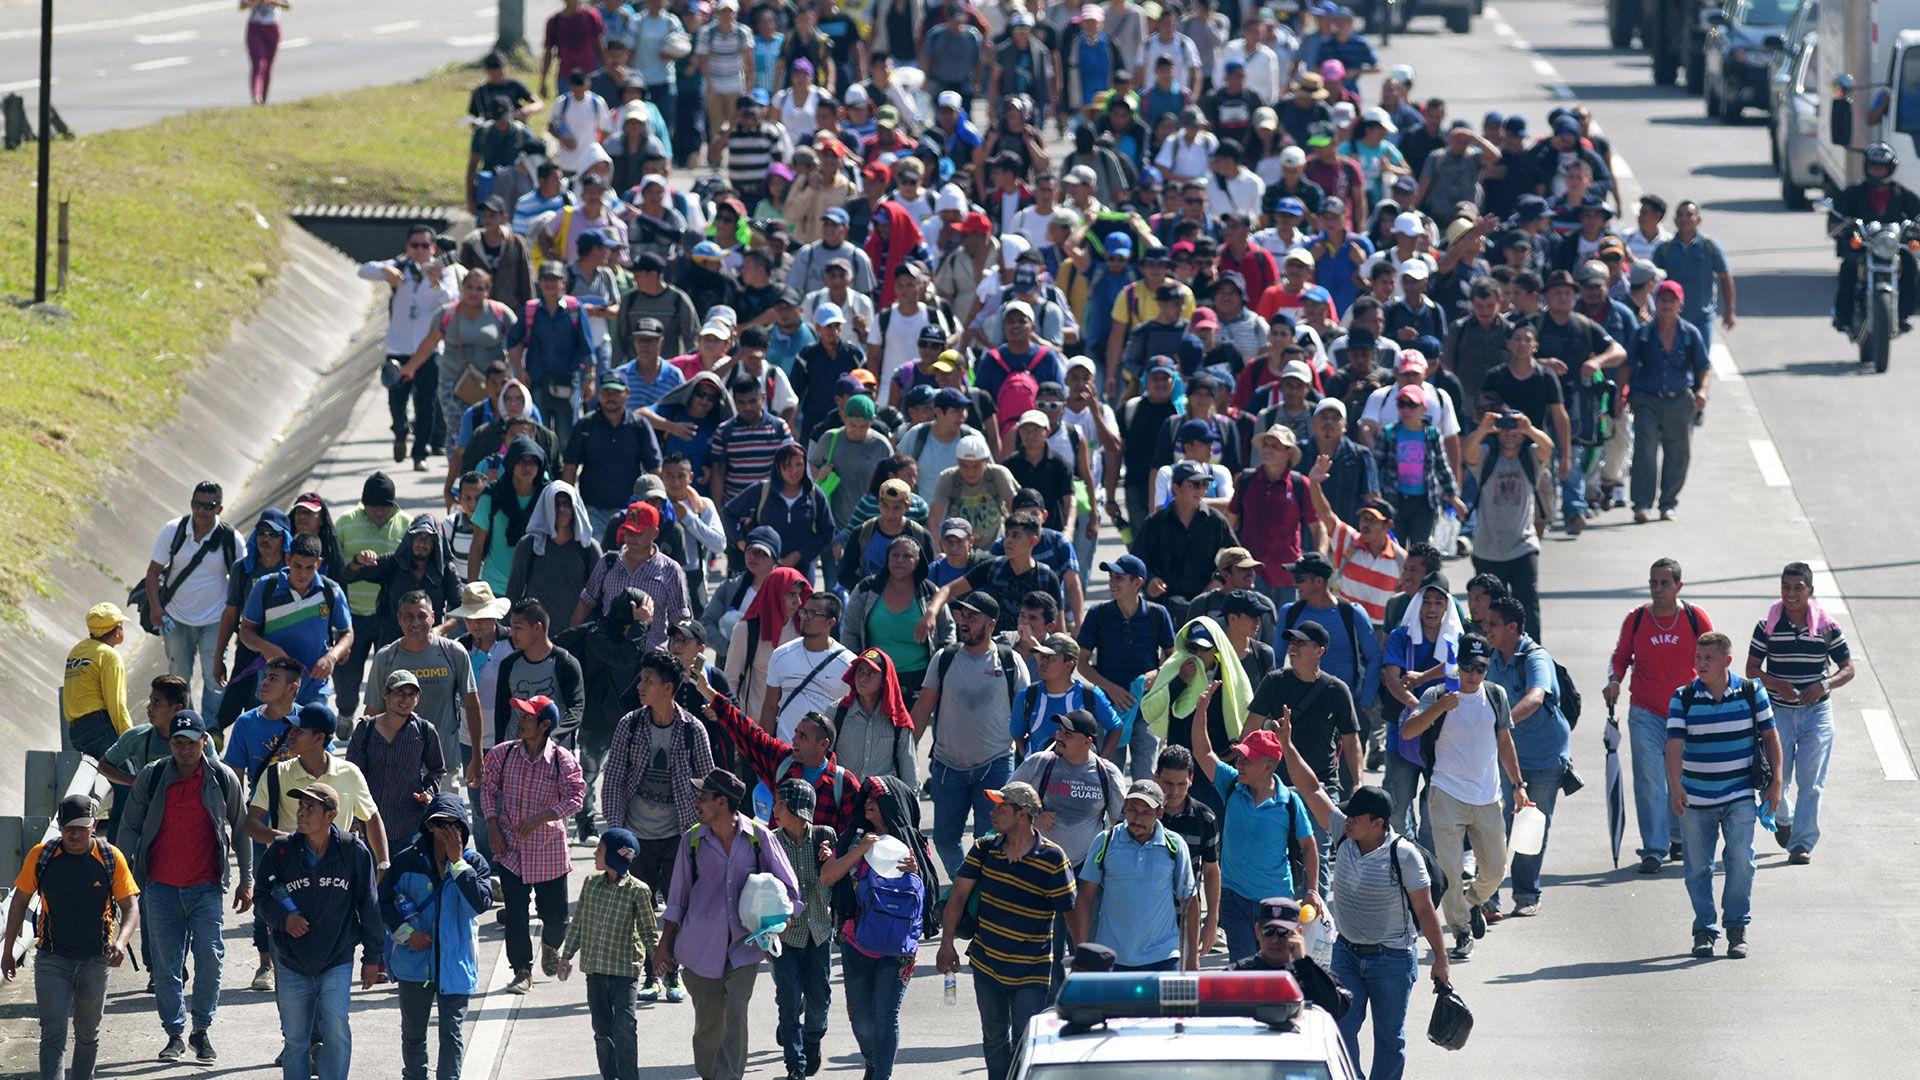 Los miles de centroamericanos huyen de la violencia y la falta de empleo en sus países (Foto: AFP)